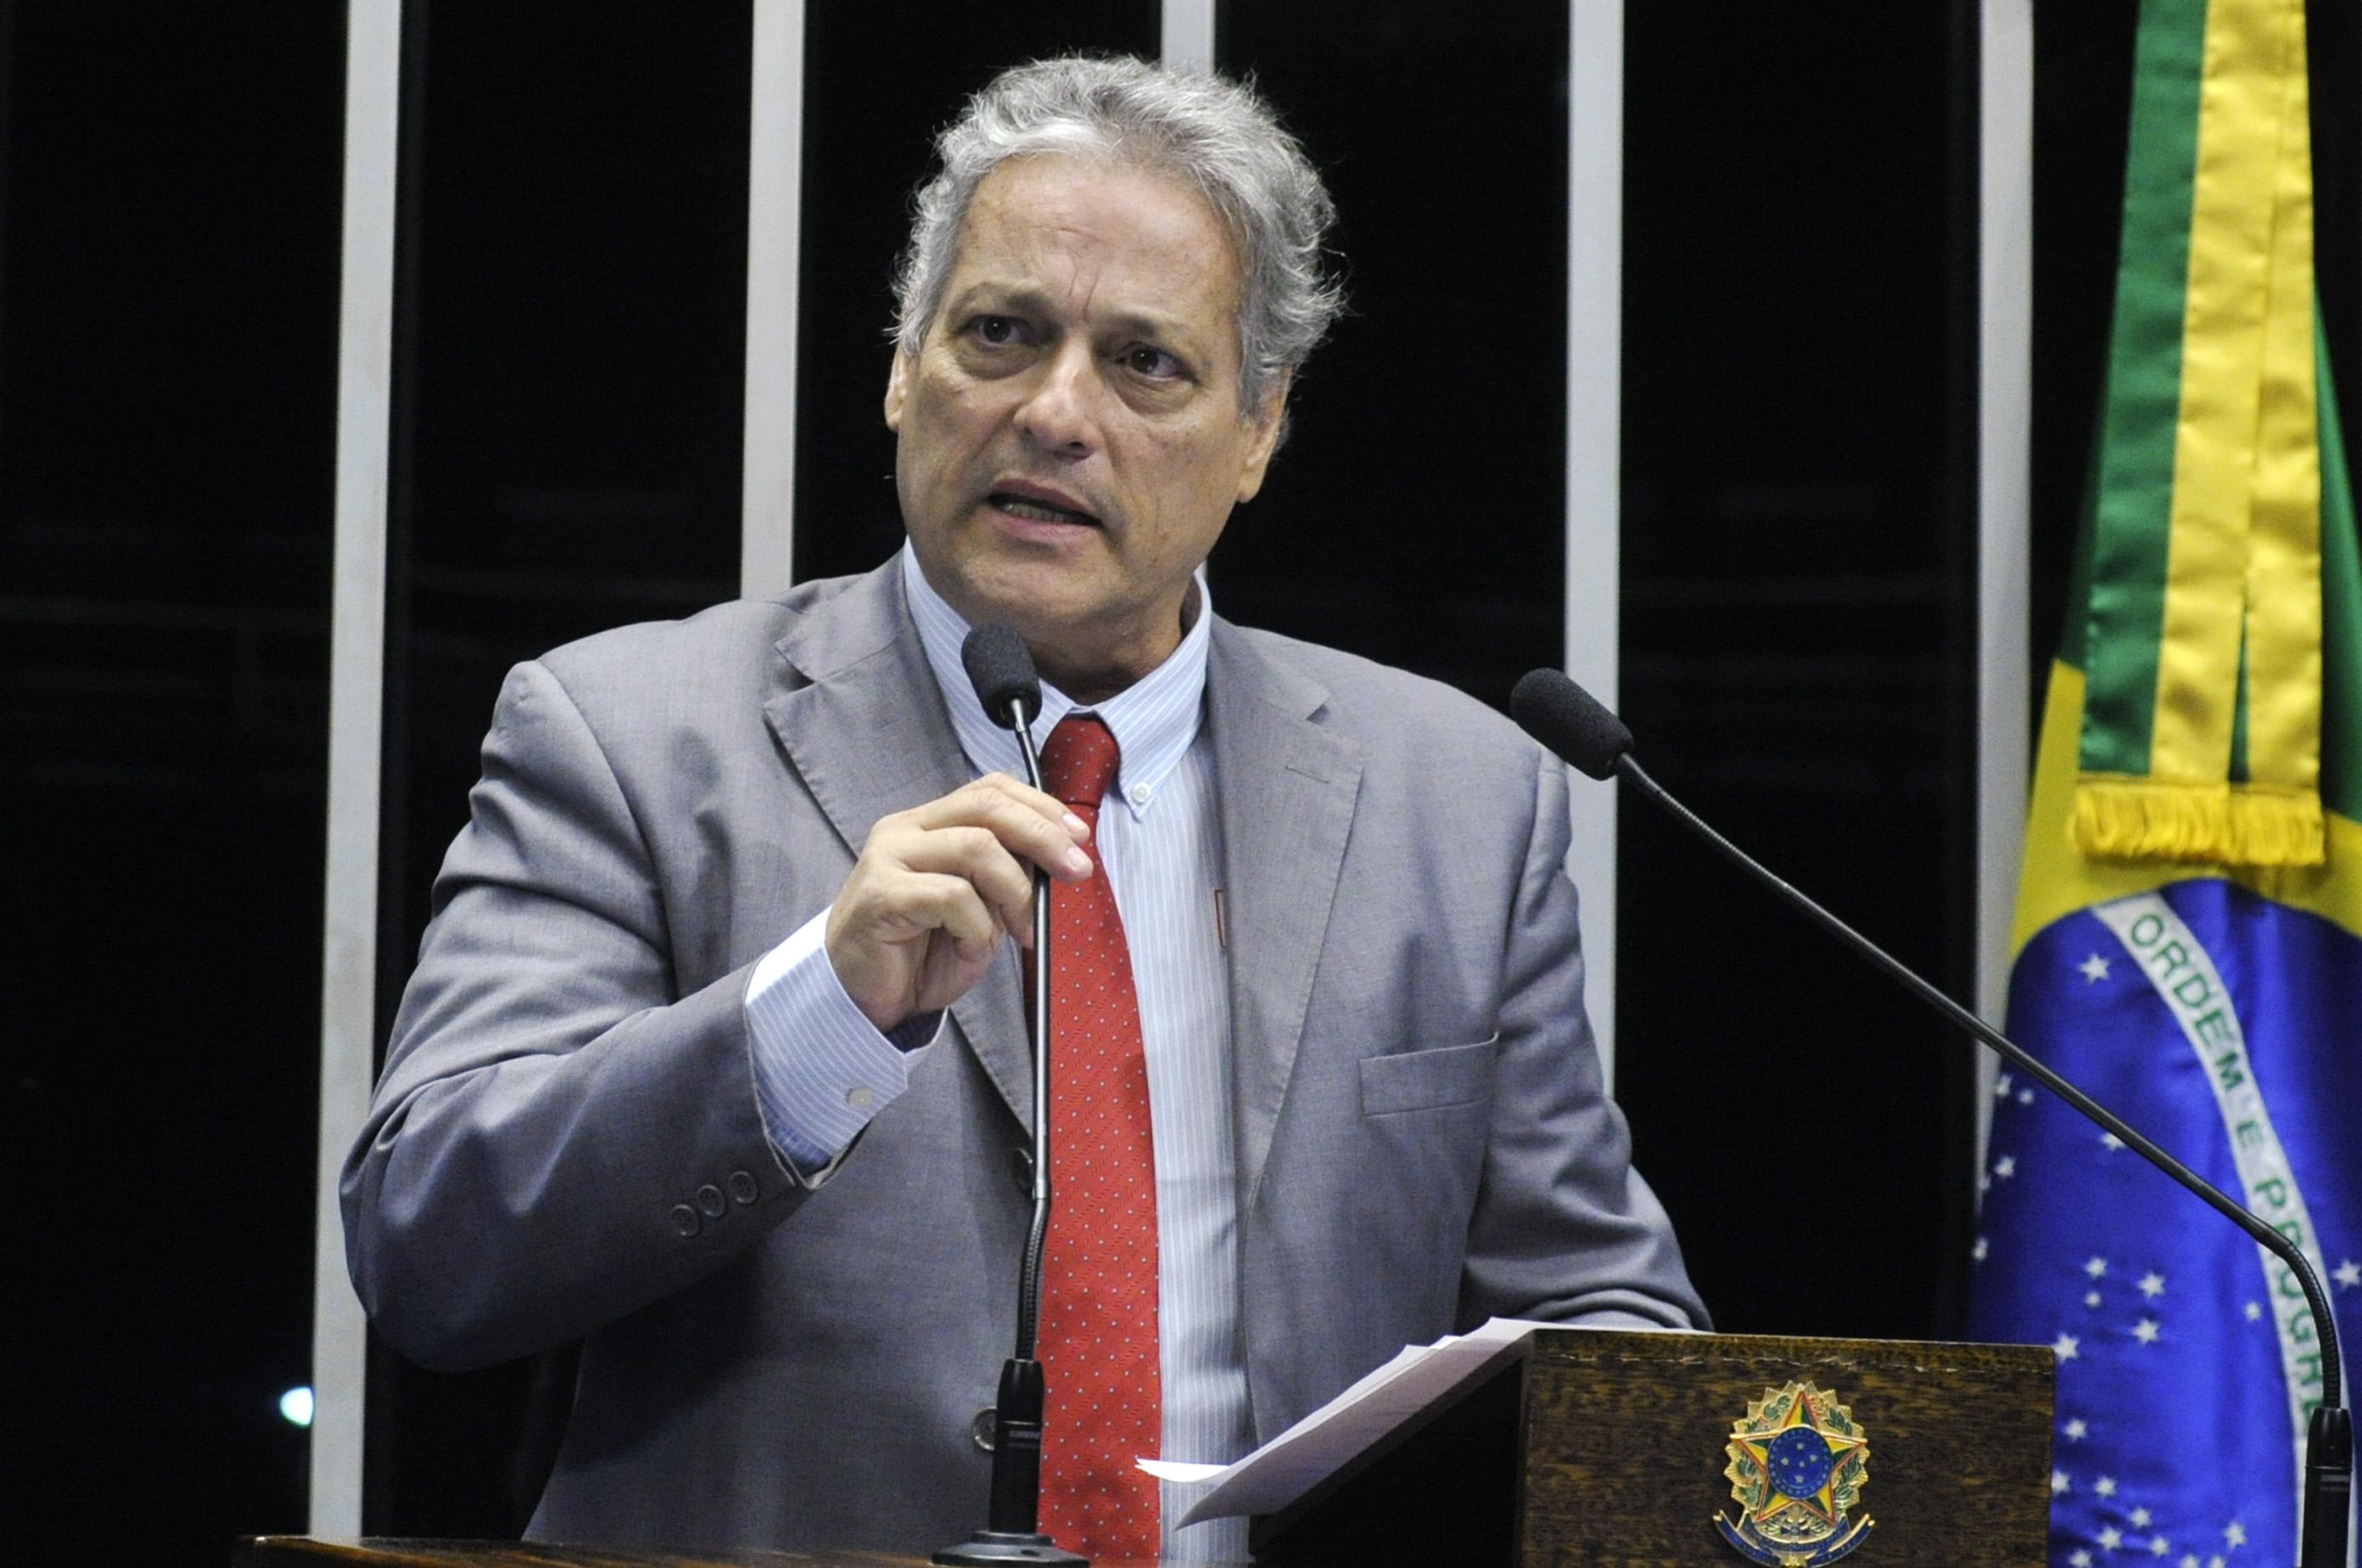 Veja o que saiu no Migalhas sobre João Goulart Filho